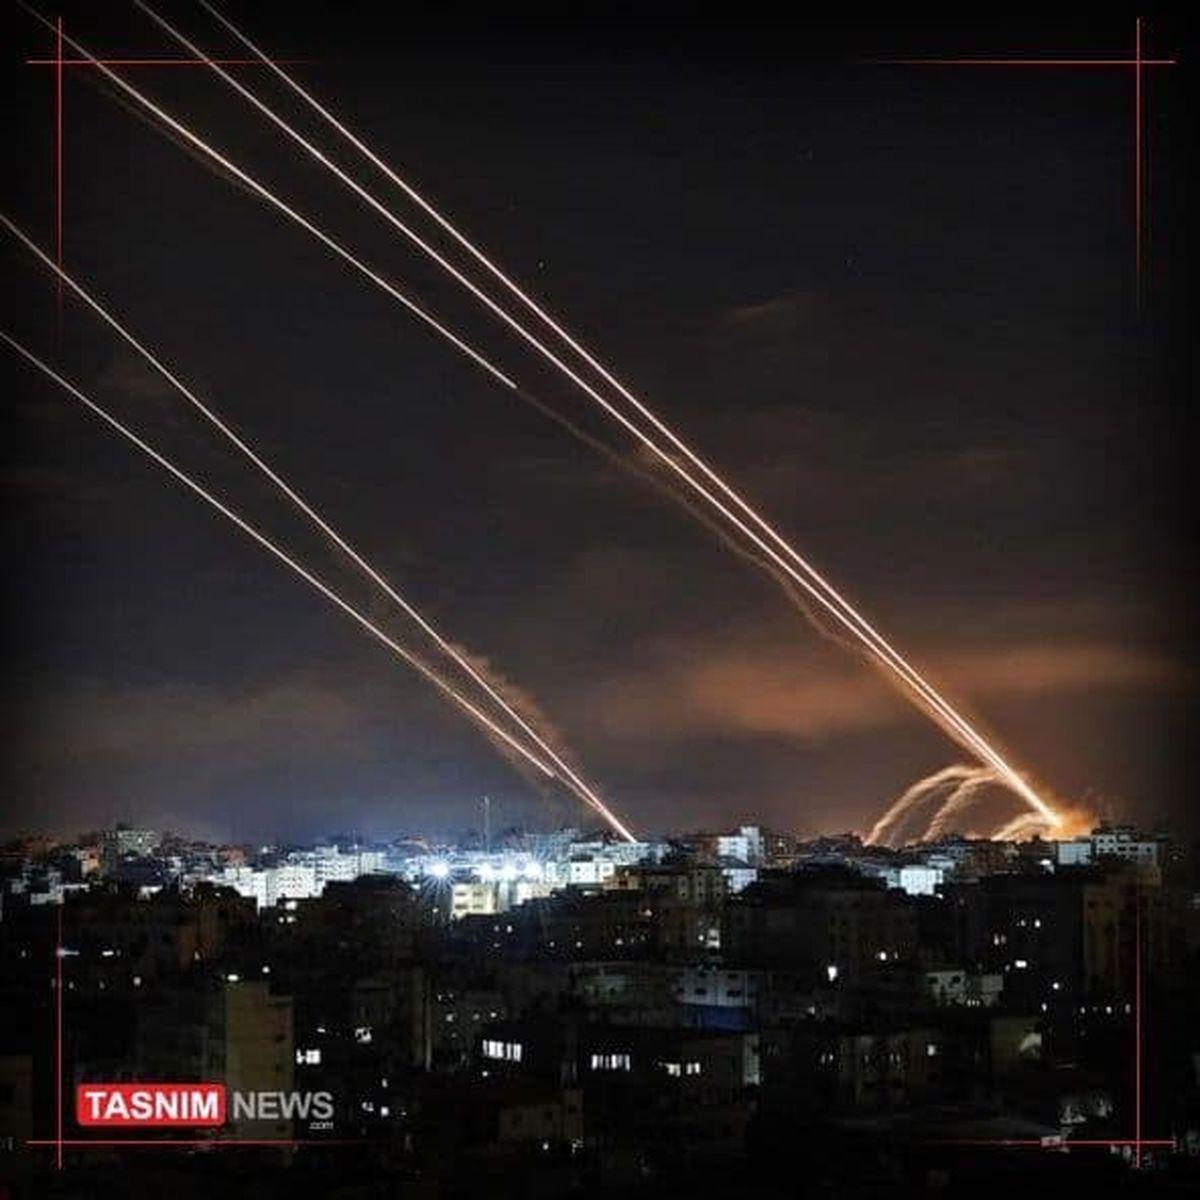 واکنش خمپاره ای مقاومت حماس به حملات رژیم صهیونیستی